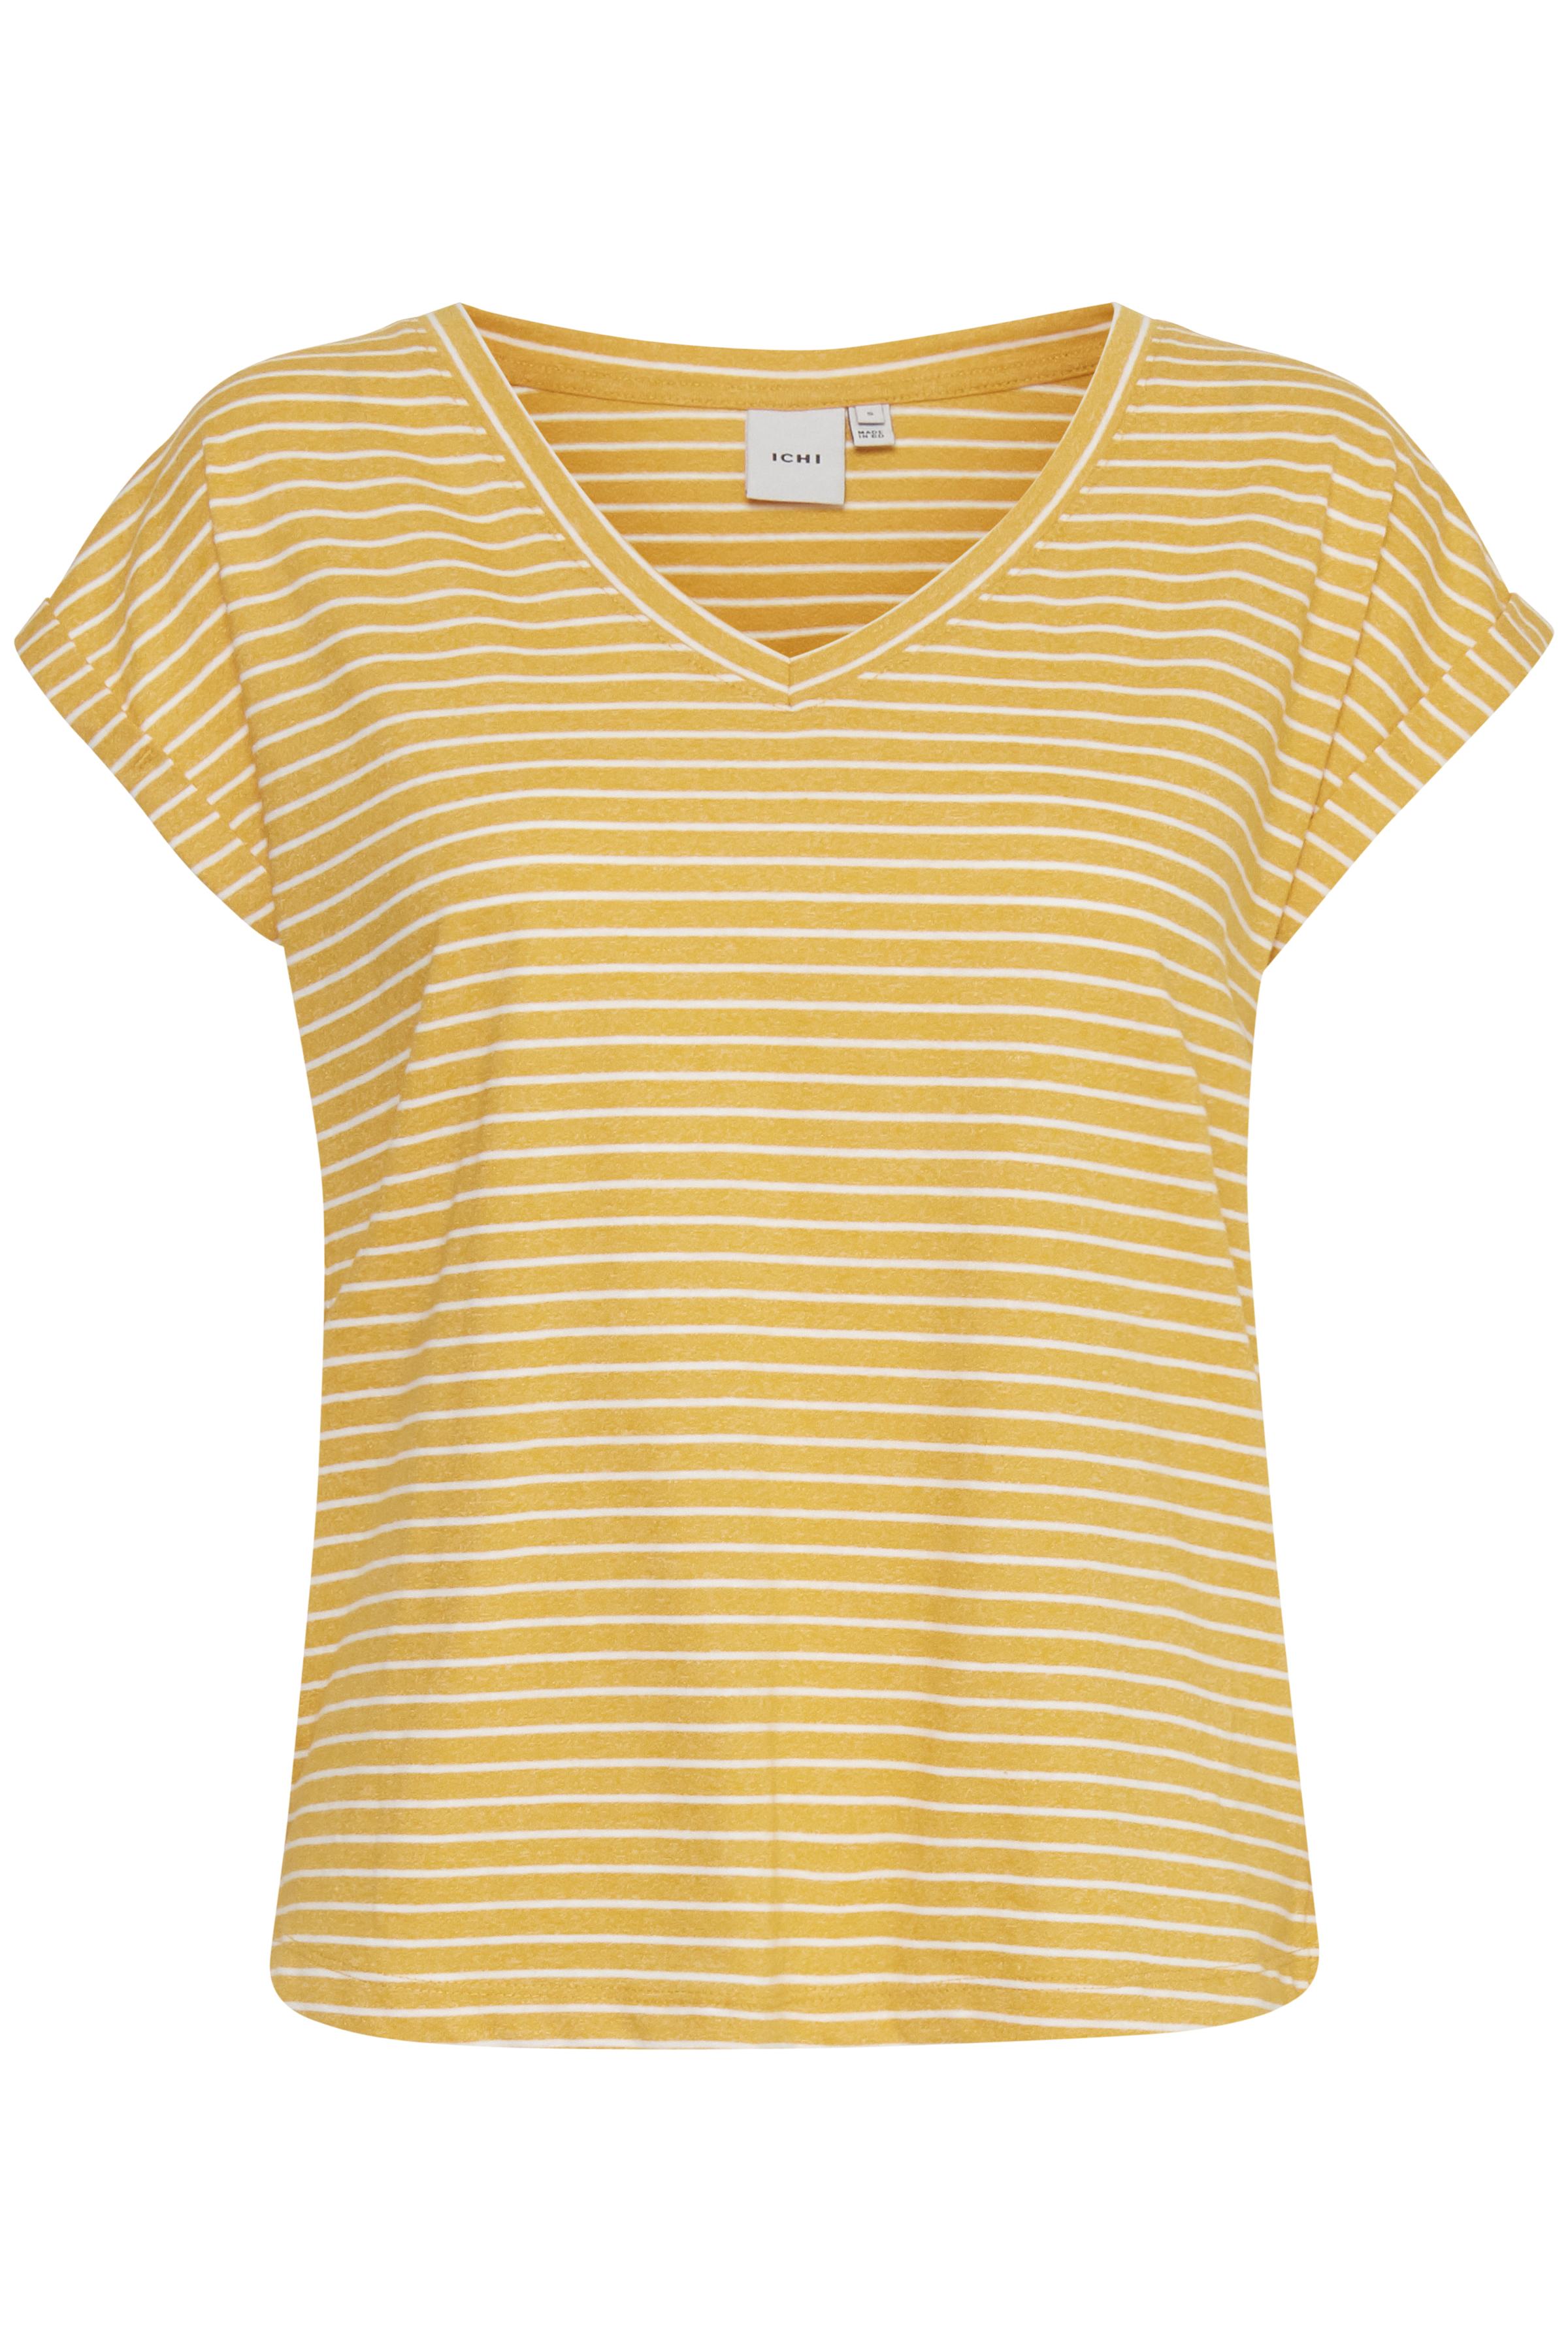 Small Stripe Mango Mojito T-shirt – Køb Small Stripe Mango Mojito T-shirt fra str. S-XL her